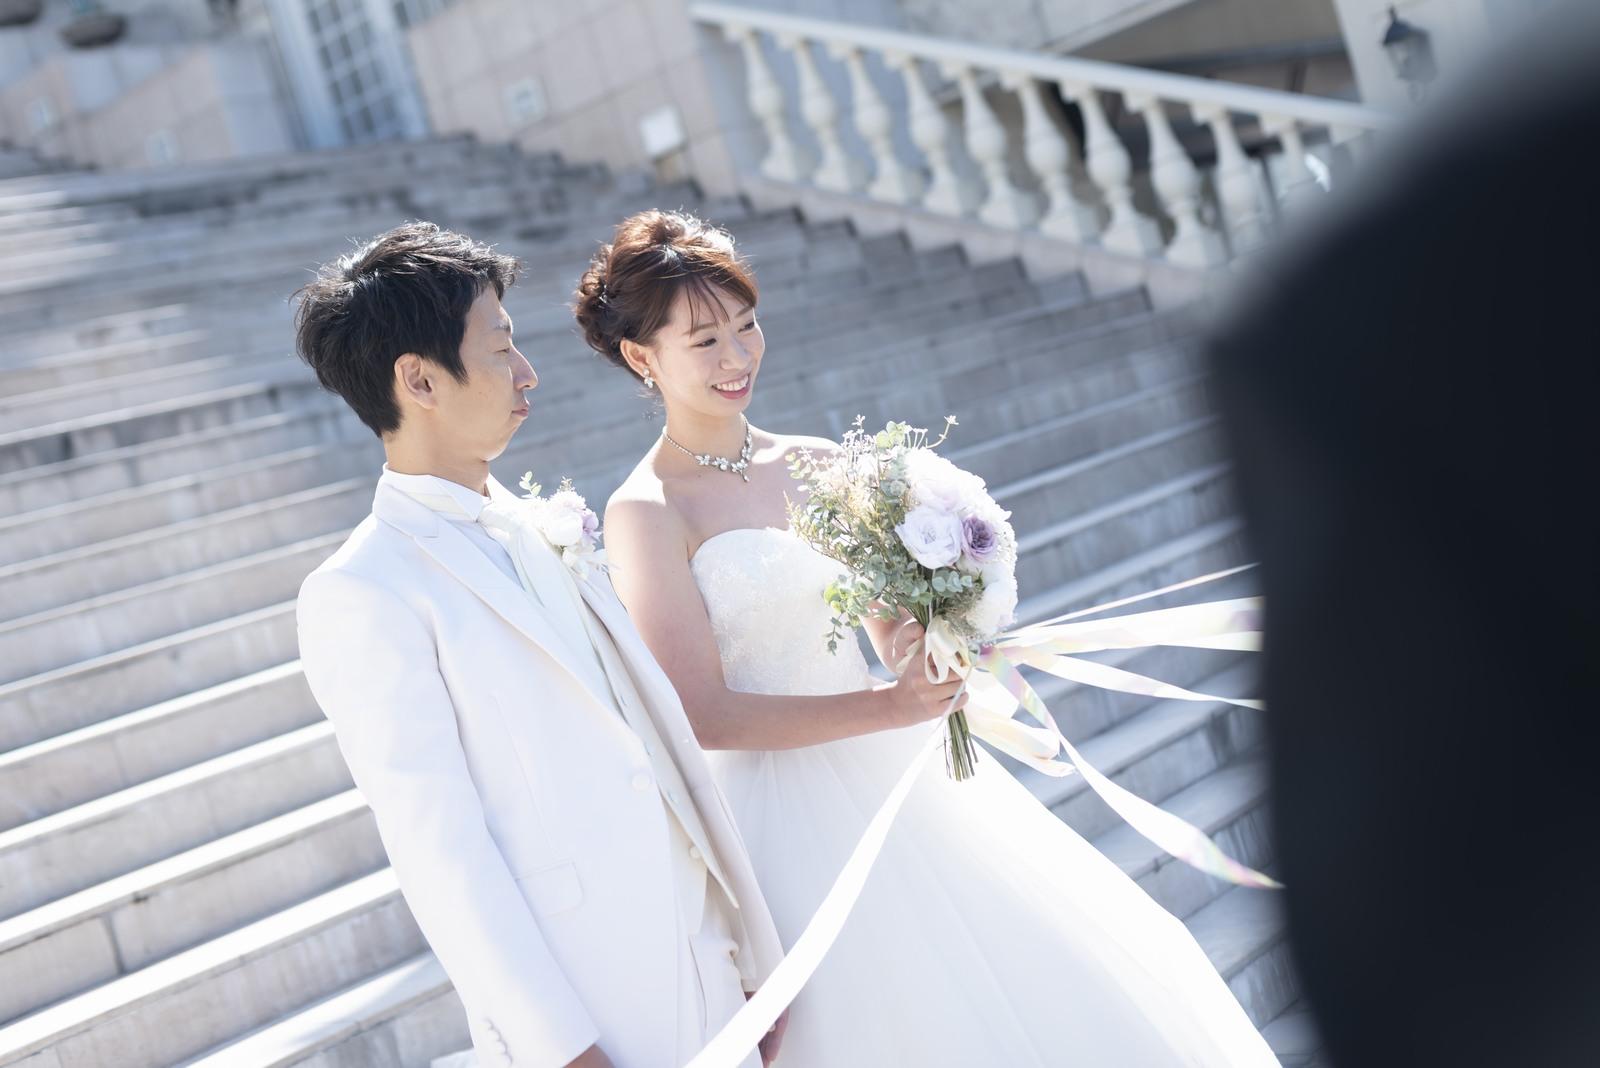 香川県の結婚式場シェルエメール&アイスタイルのブーケプルズ